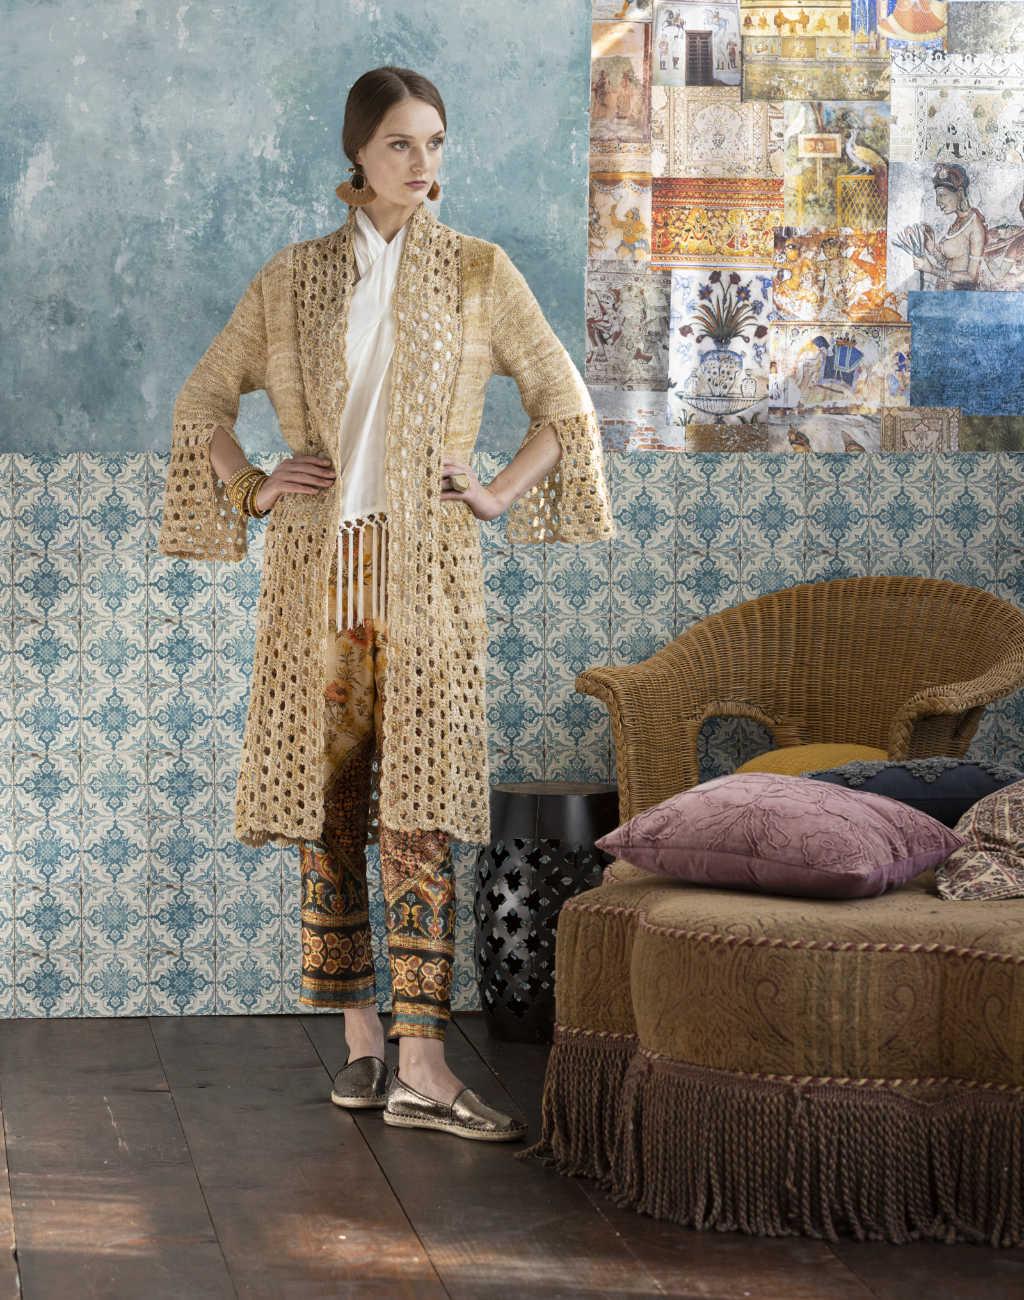 Selbstbewußtes Staging mit dem Knit & Crochet Coat by Katrin Walter aus Noro Kumo #15 durch das Model. Die ganze Schönheit des Designs wird gut gezeigt. Foto: Noro Magazine 16